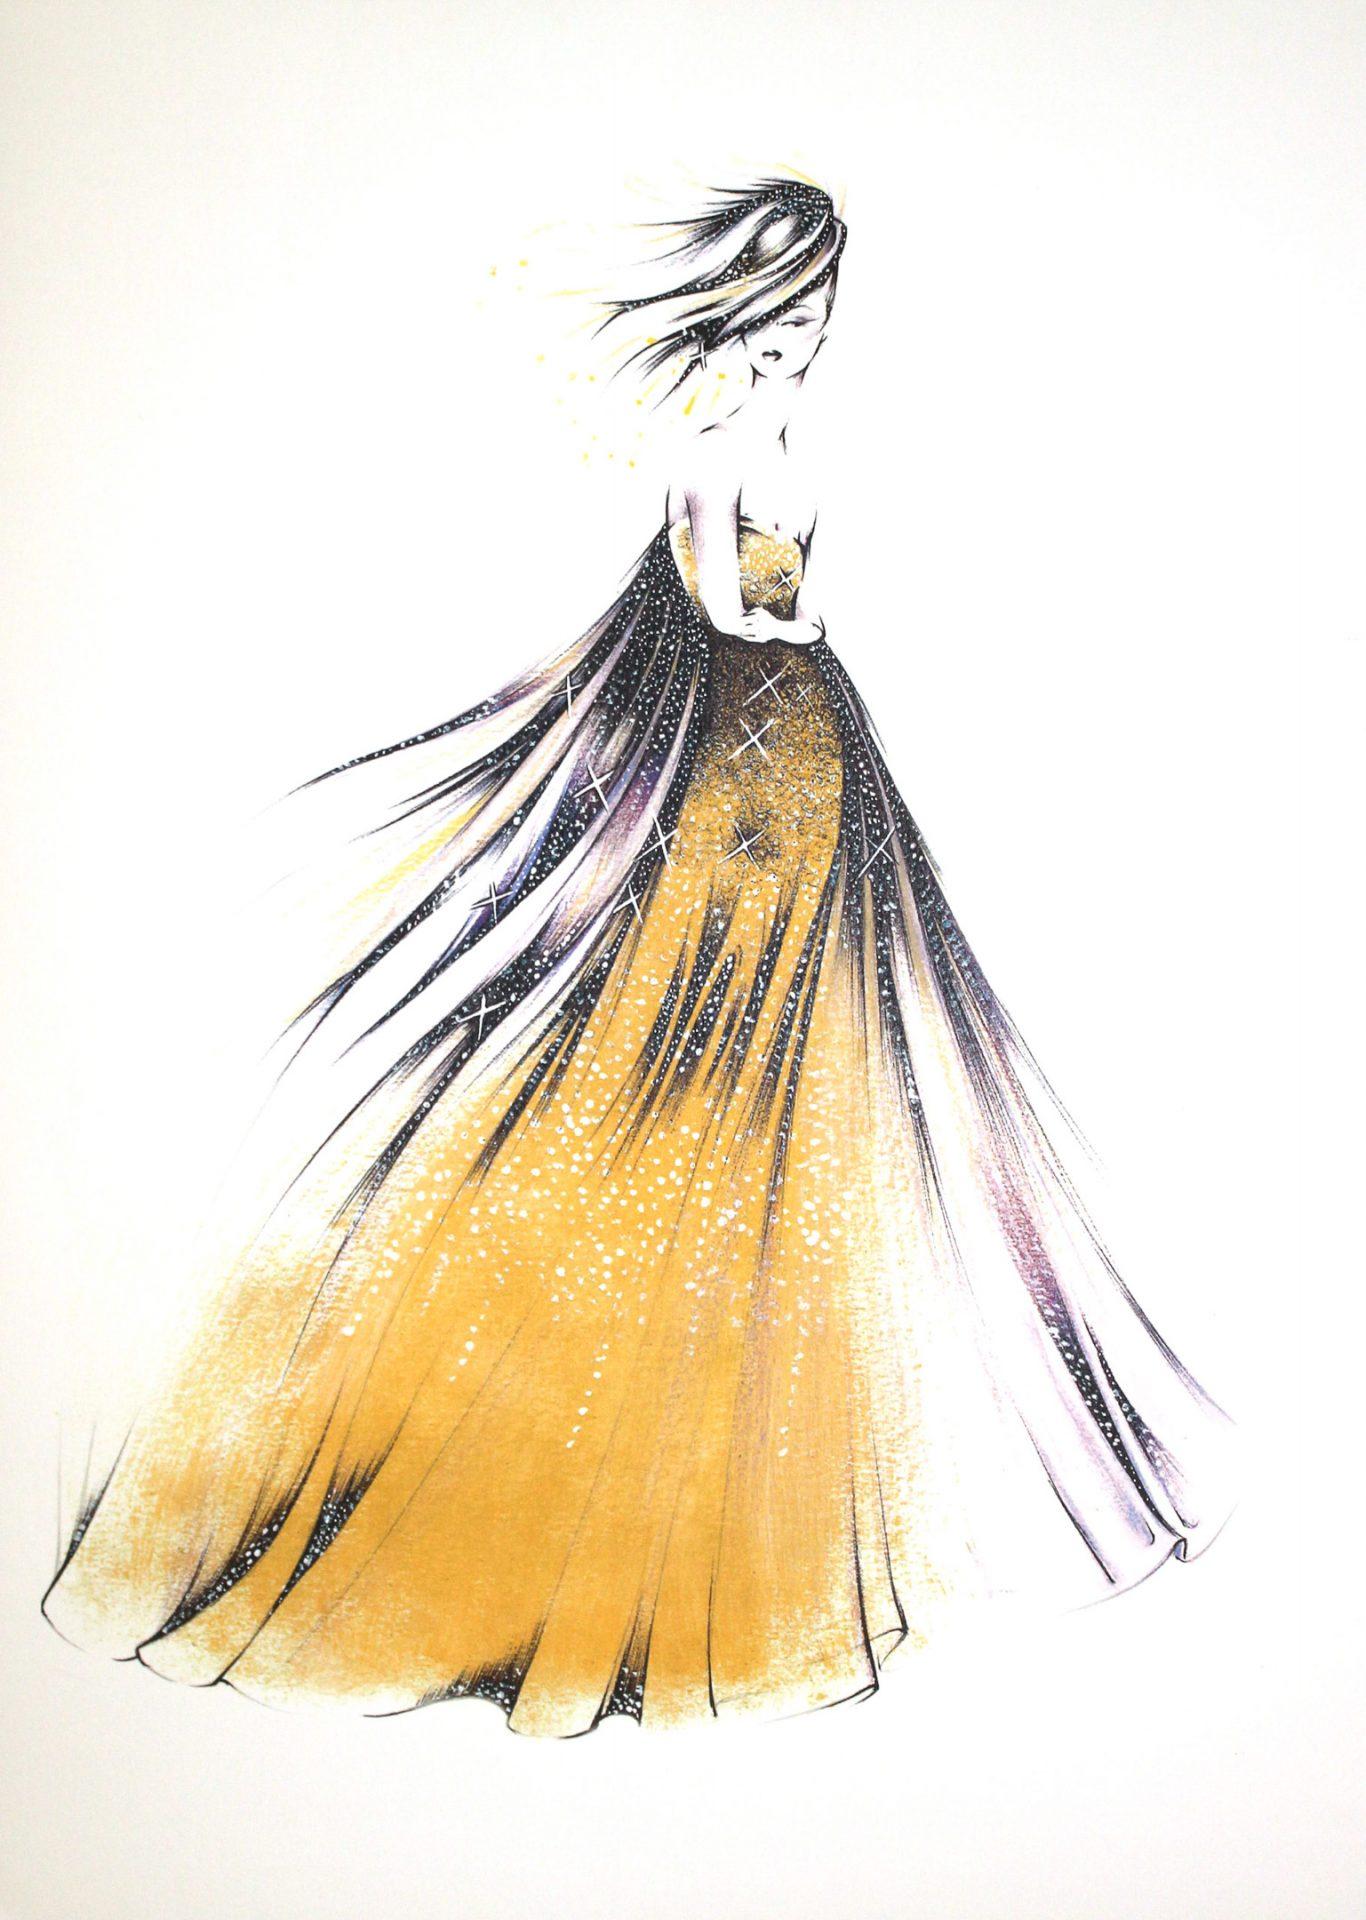 Moda 1 accademia di belle arti di cuneo for Accademia belle arti moda